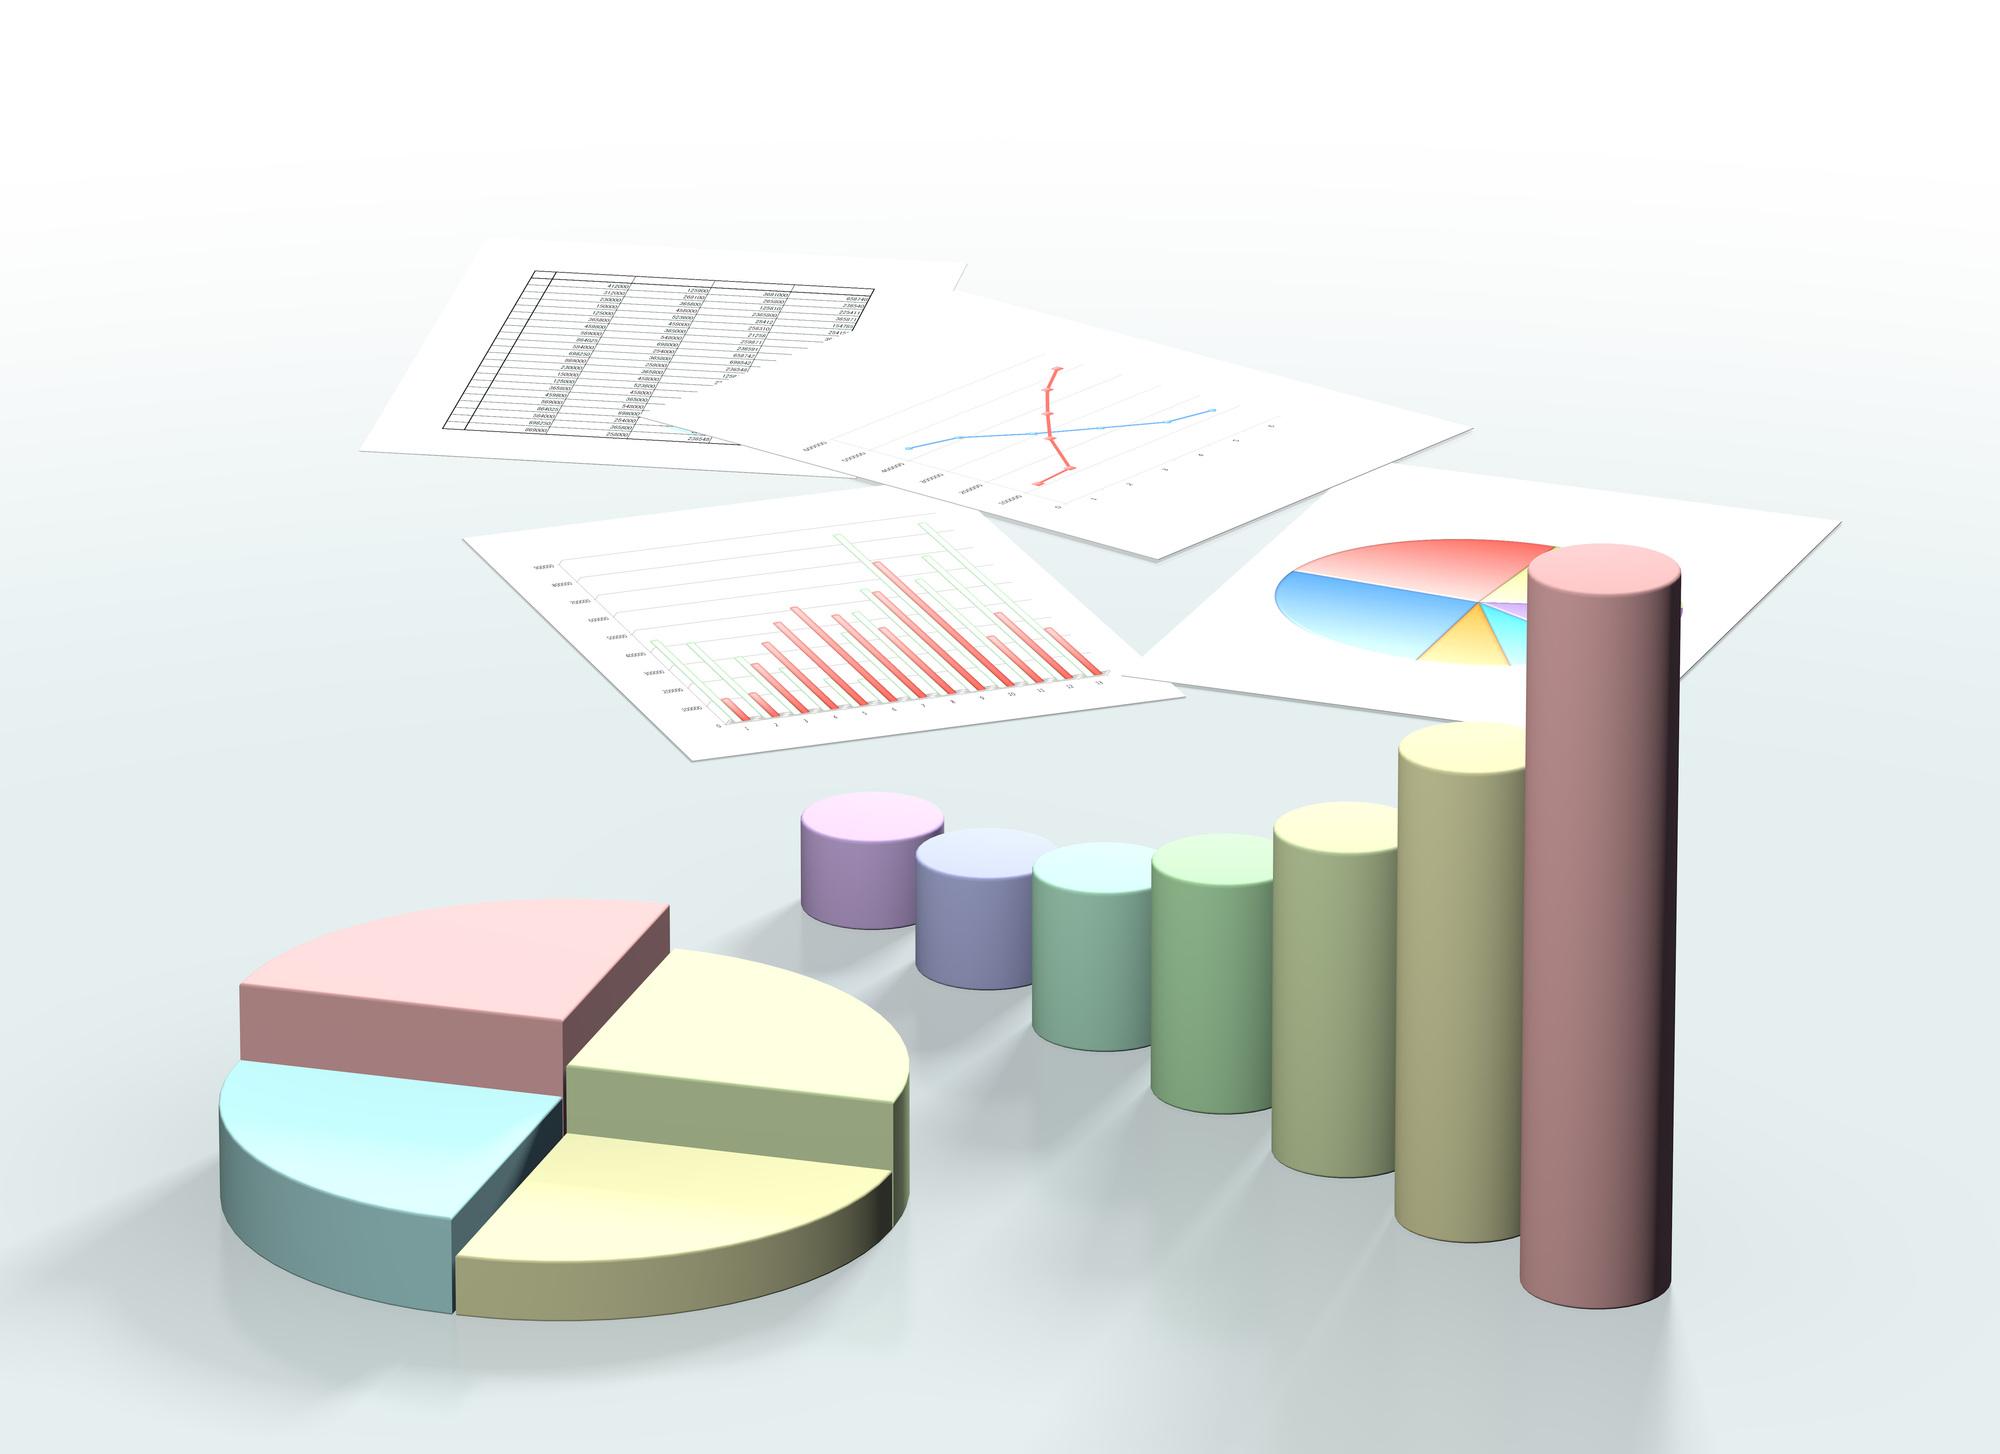 派遣会社の仕組みと利益はどれくらいか検証する